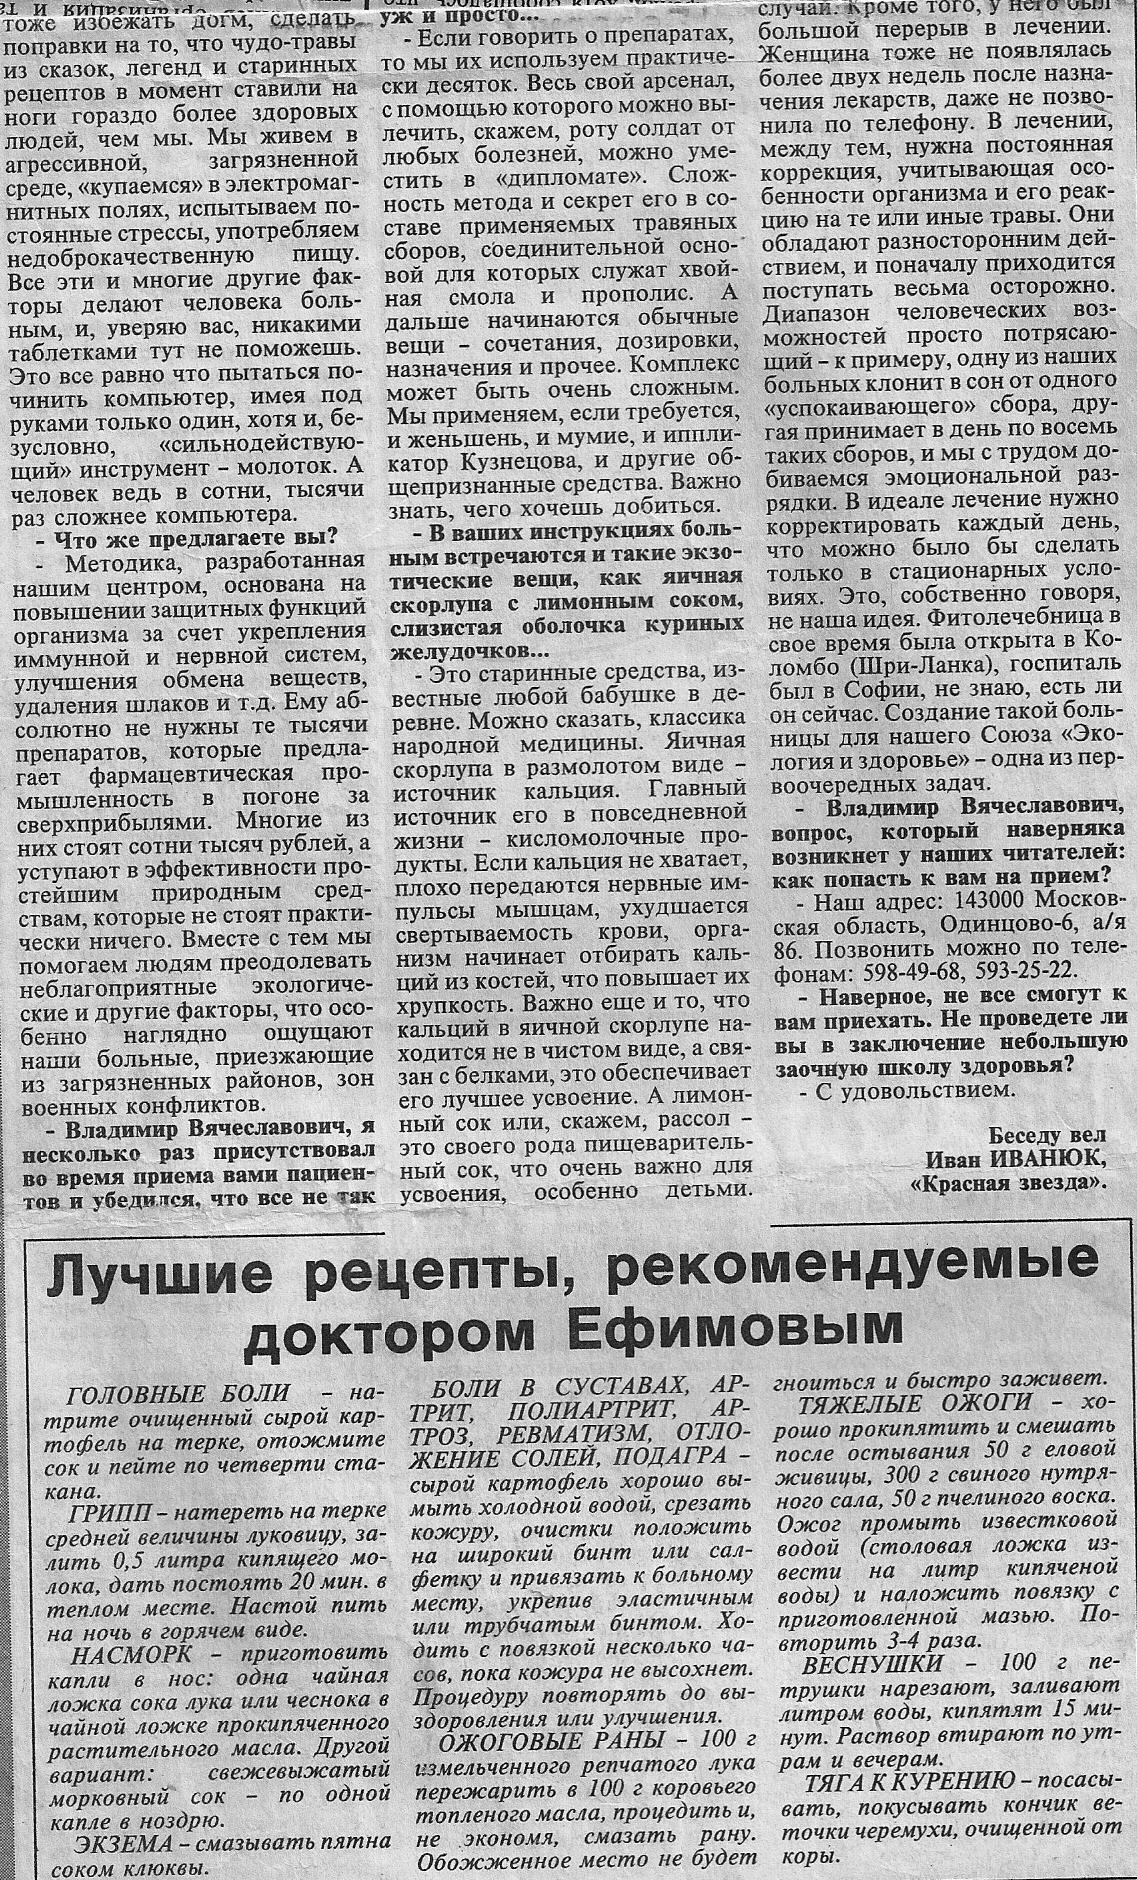 http://s4.uploads.ru/eASCY.jpg